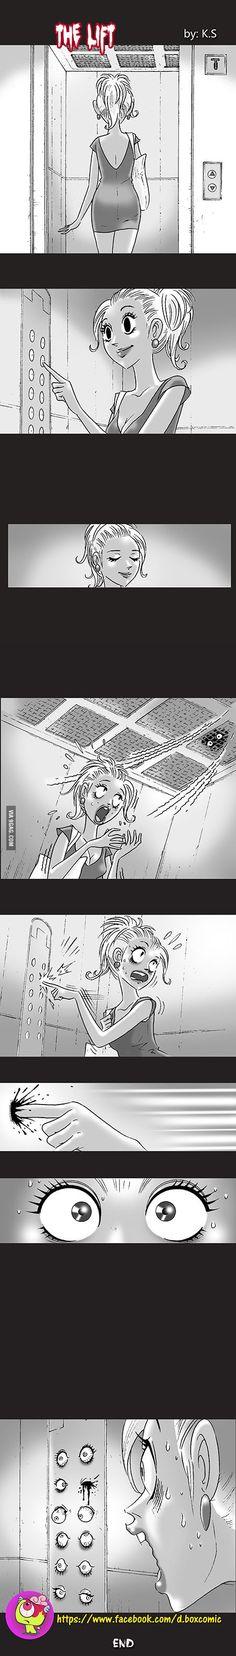 Horror in the lift - 9GAG